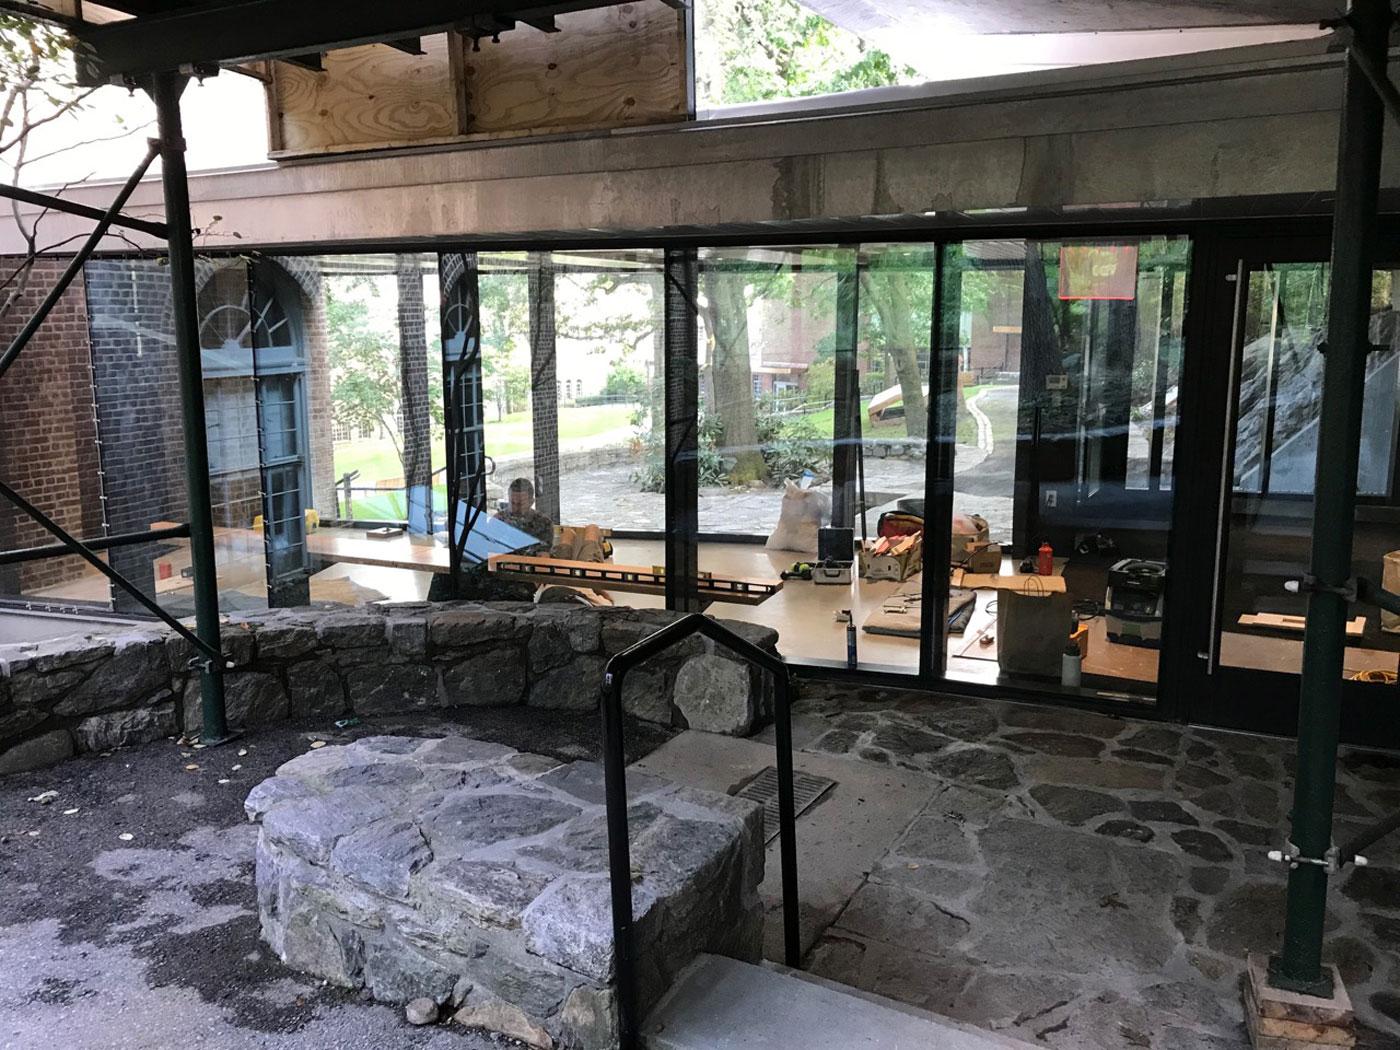 tate-vestibule-bench21